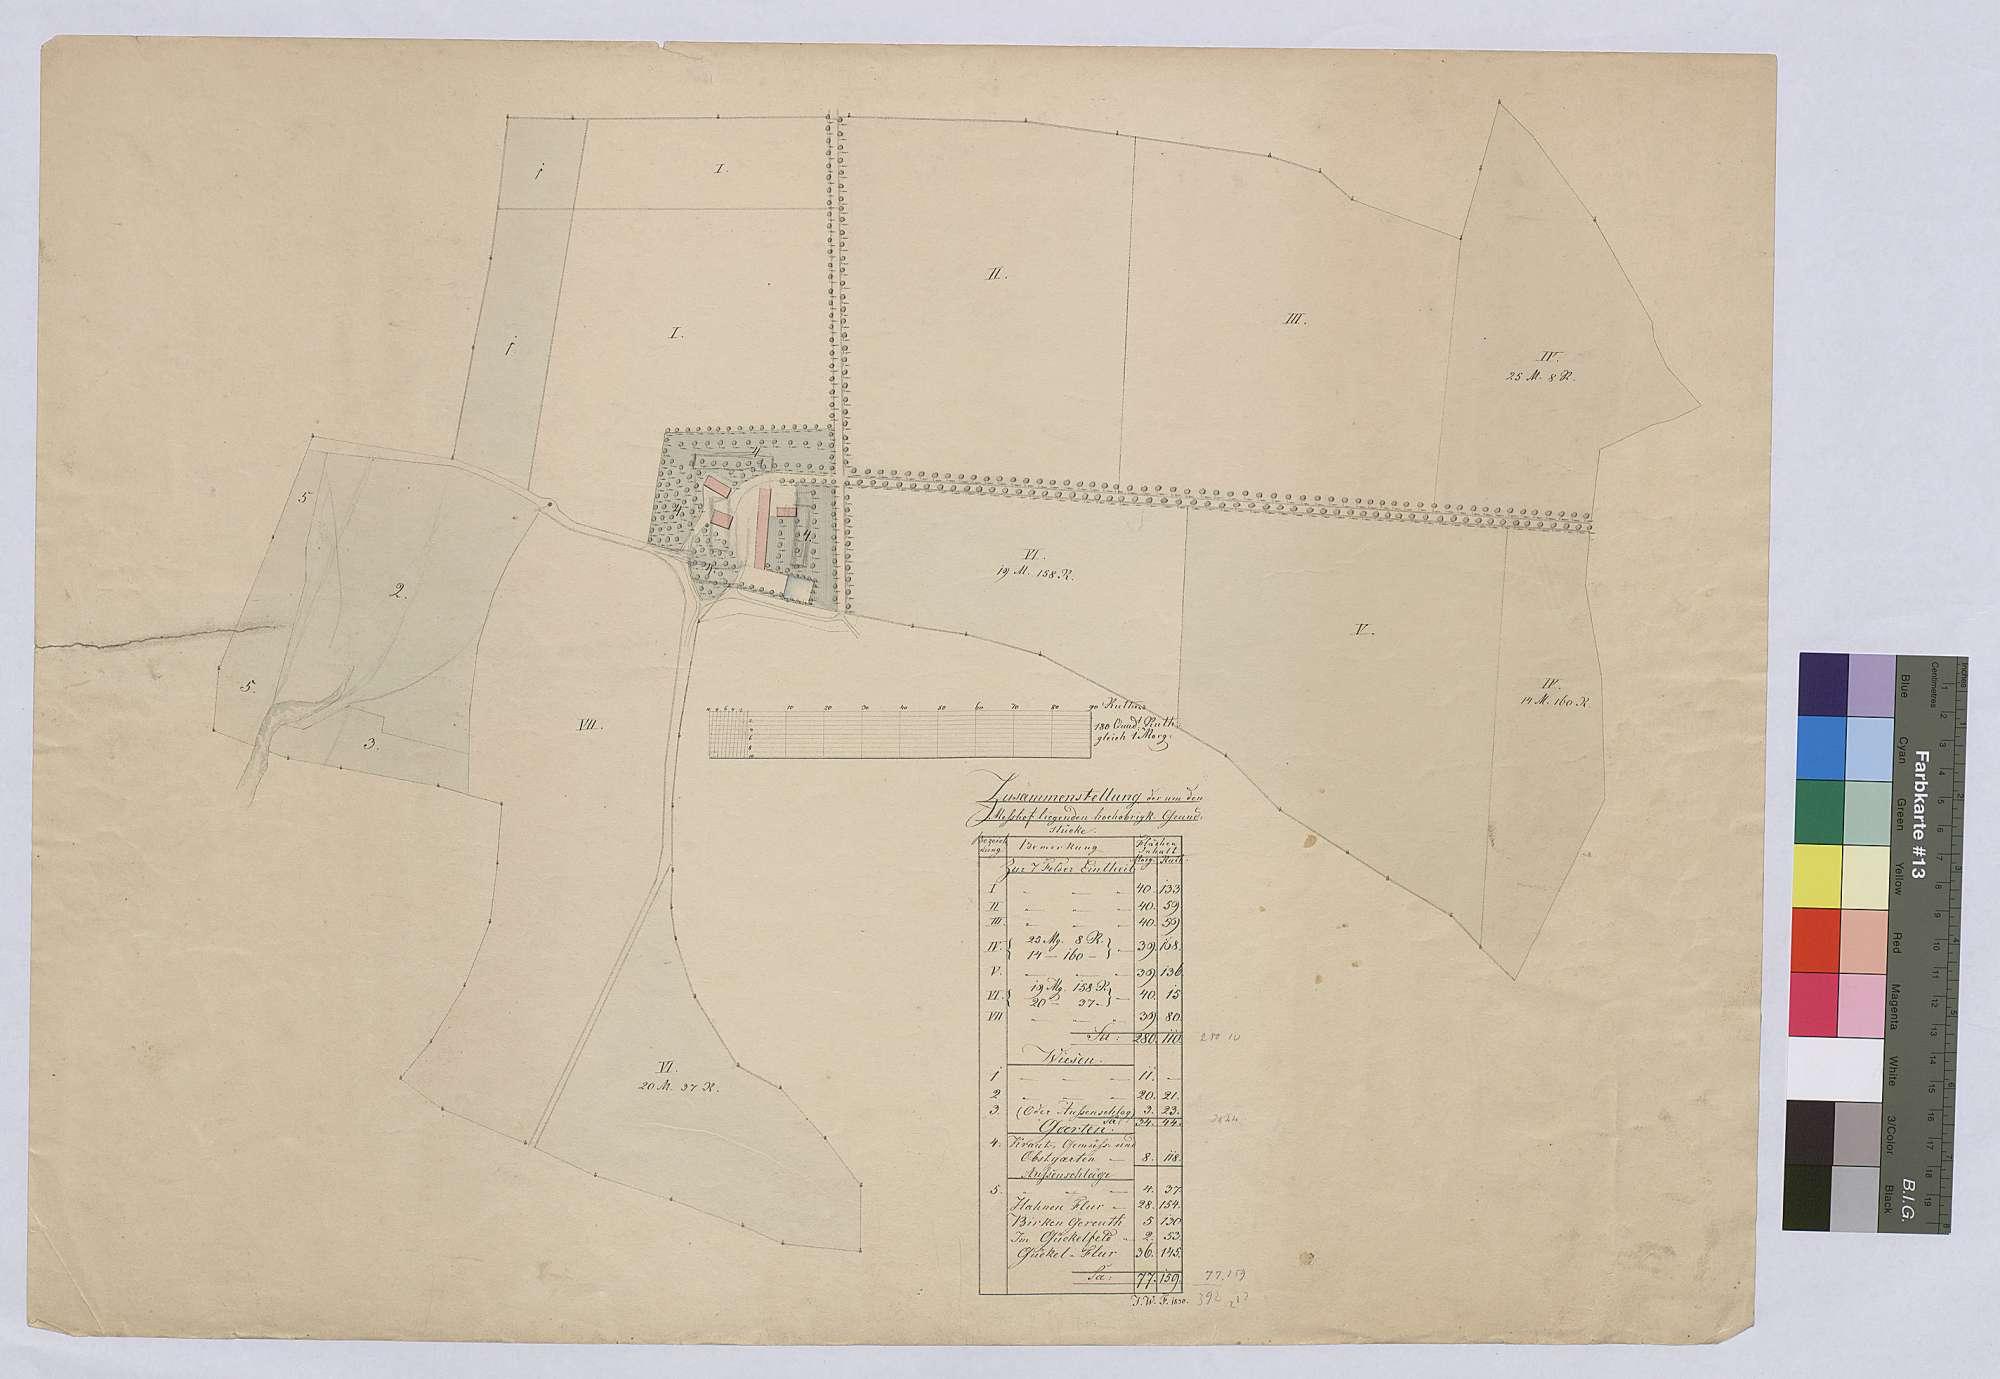 Zusammenstellung der um den [Hinteren] Meßhof liegenden Grundstücke (Inselkarte), Bild 1